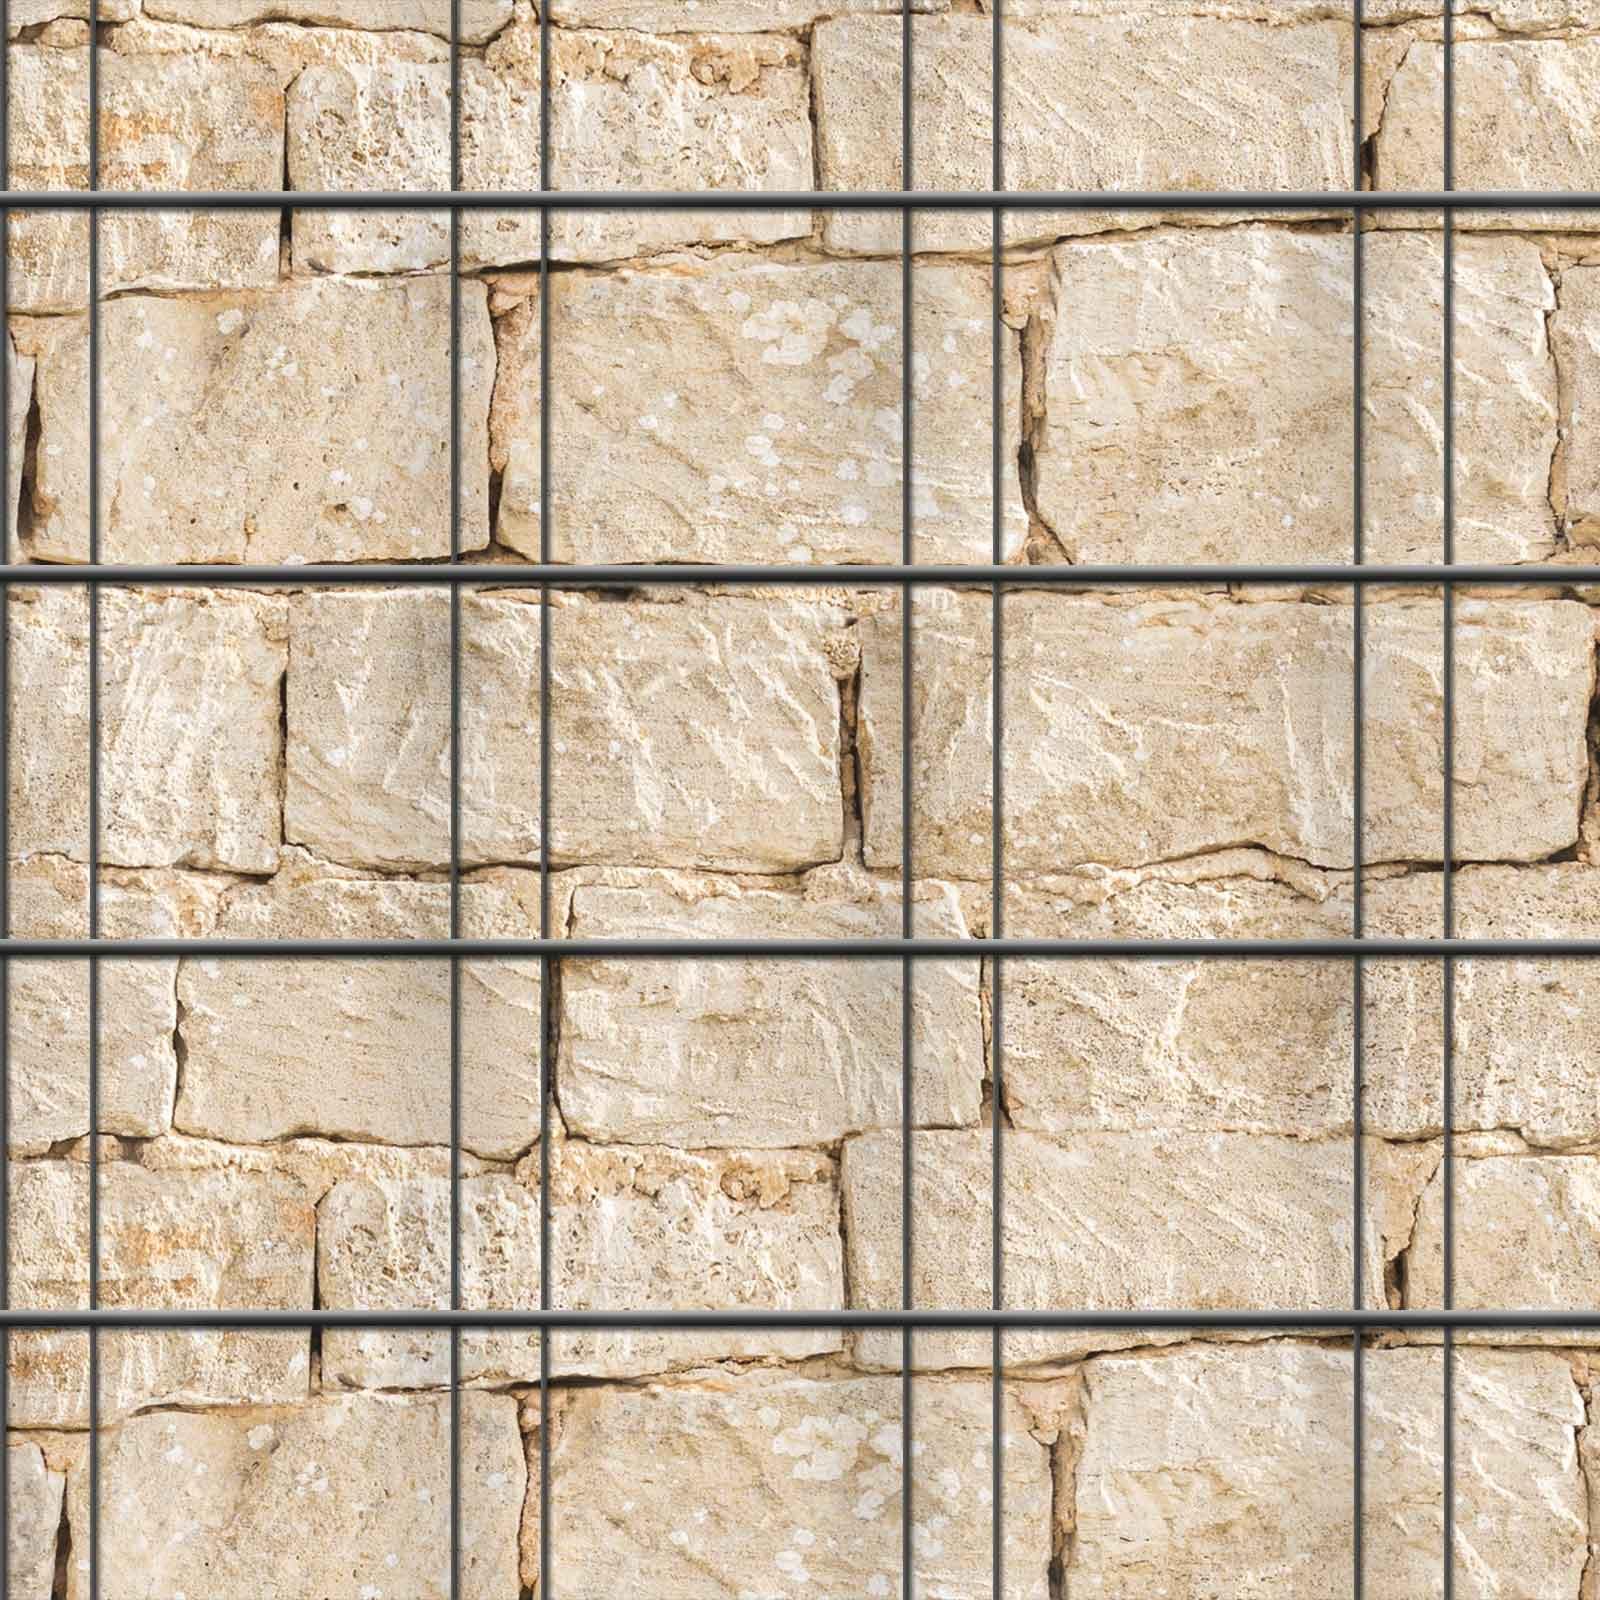 Zaunblenden  Muster Sandsteinmauer über drei Streifen fortlaufend